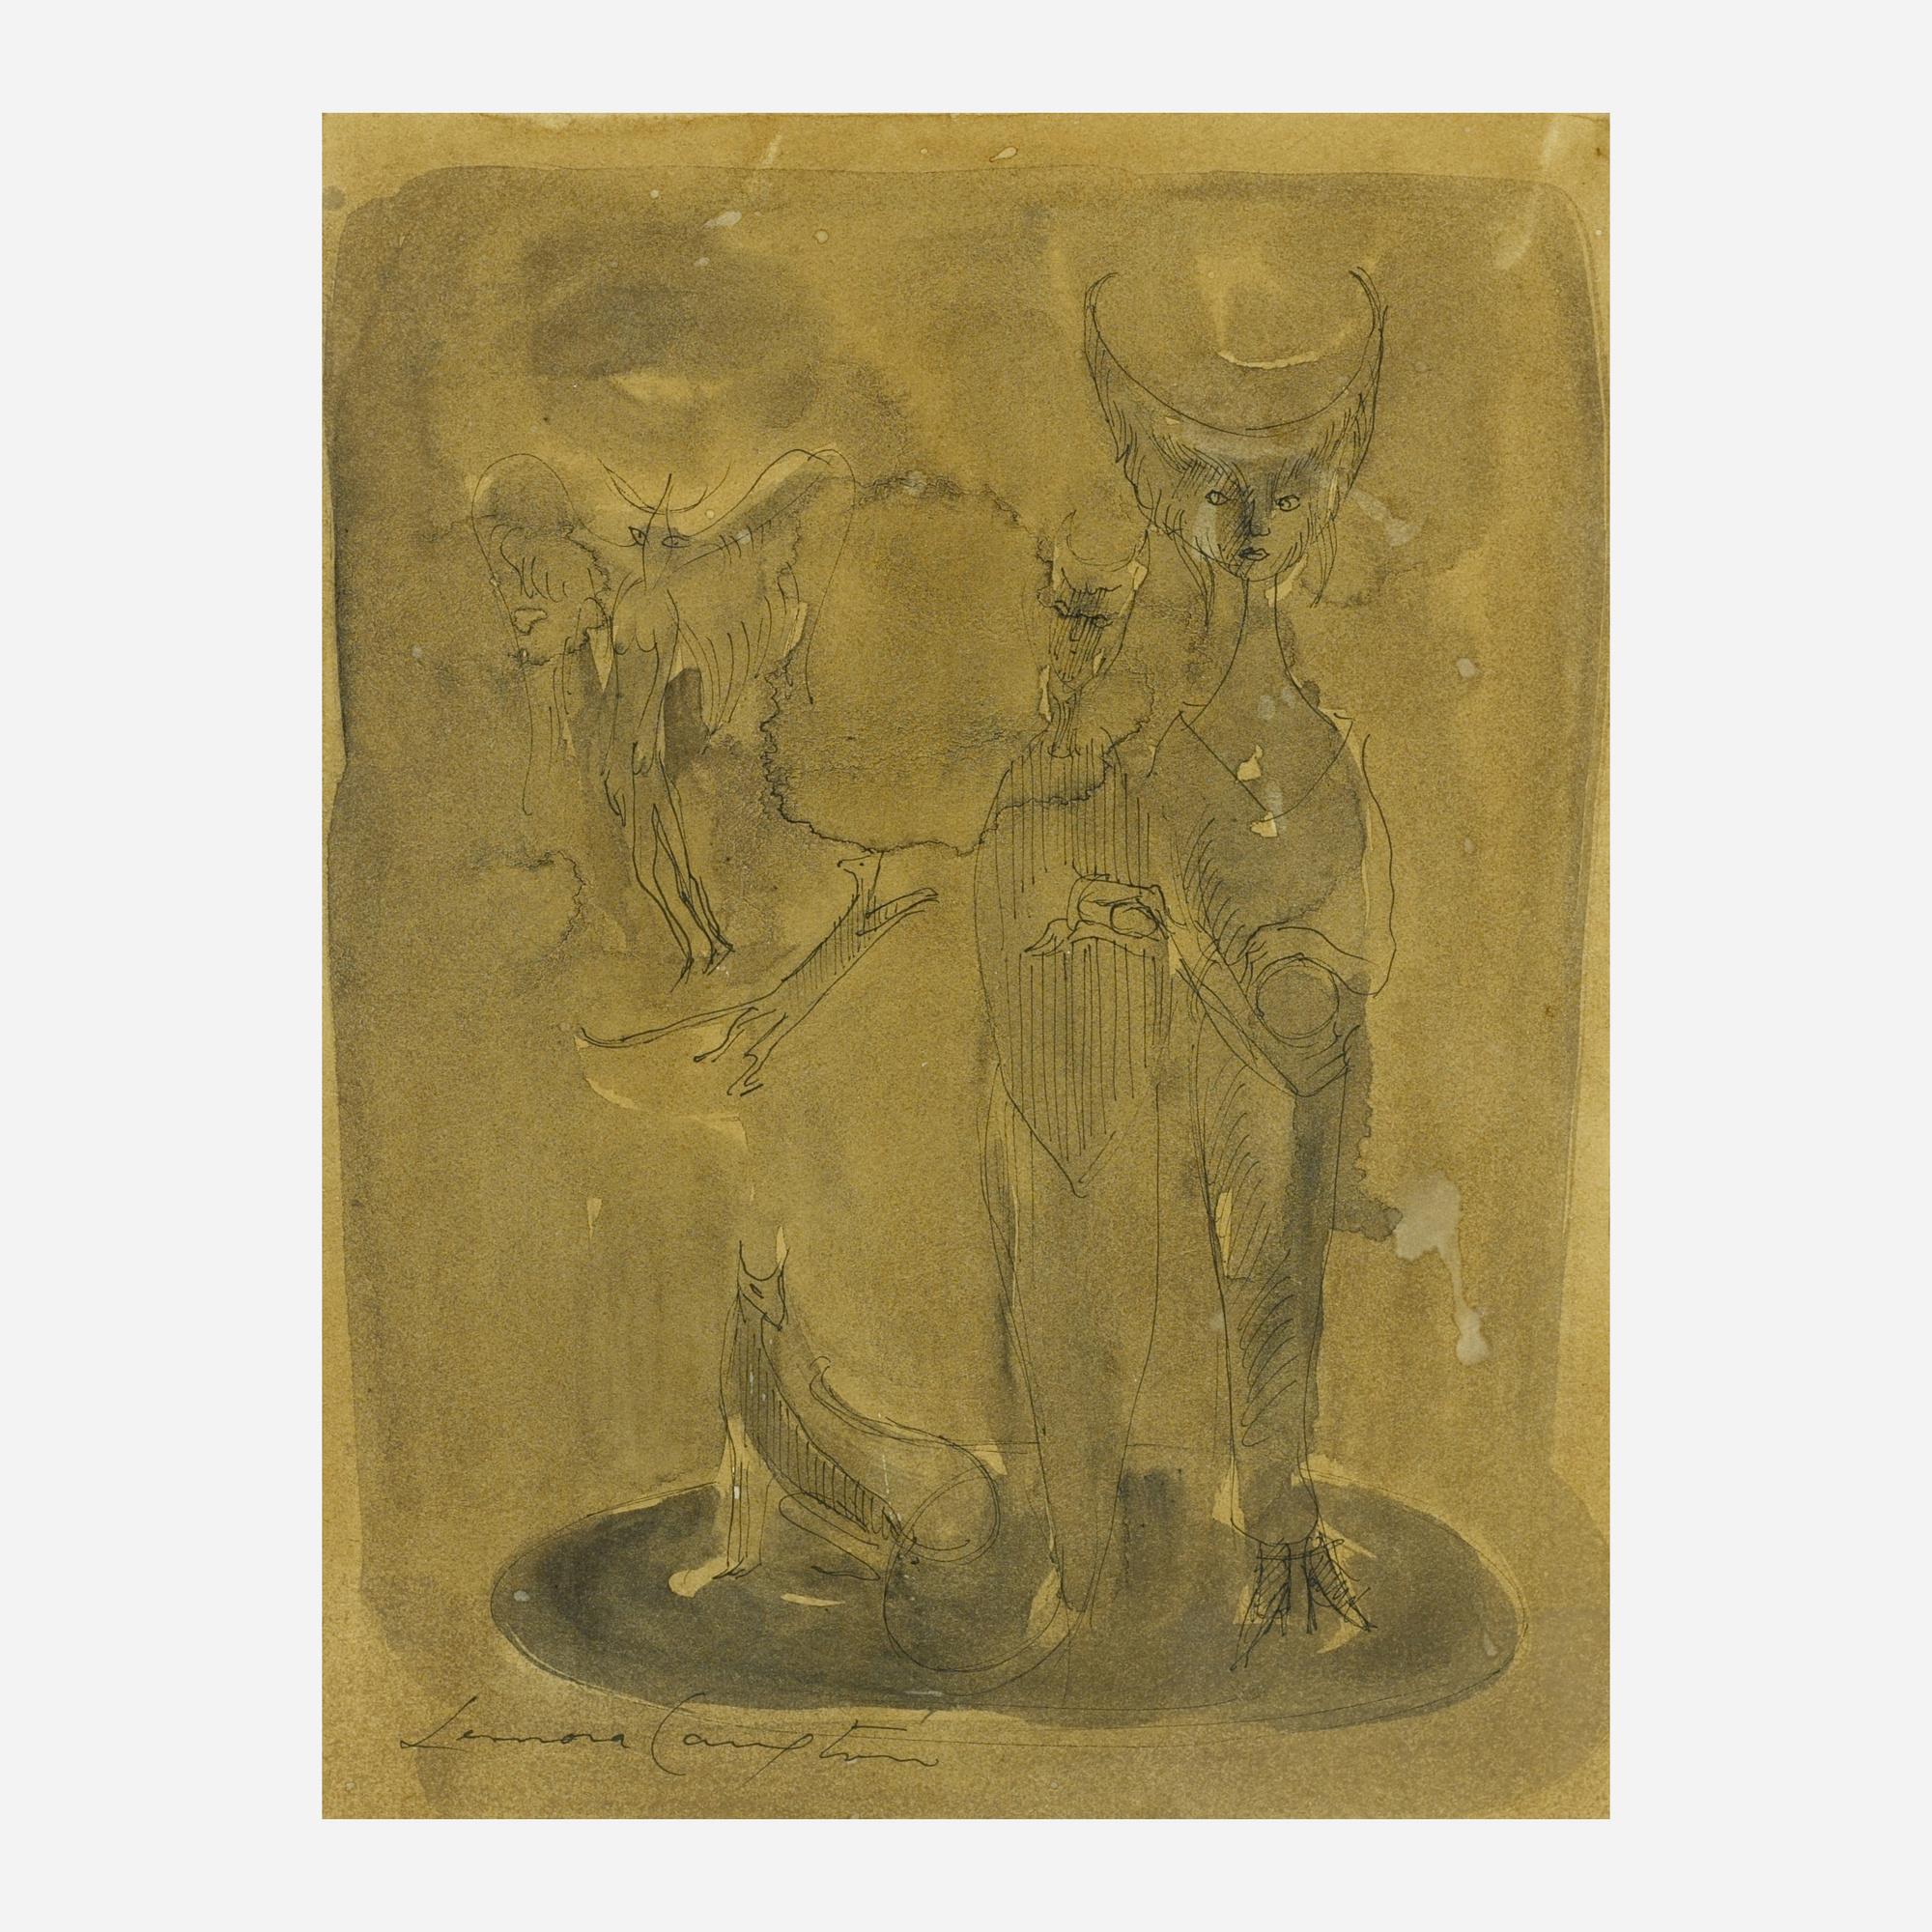 192: Leonora Carrington / Mythological Figures (1 of 1)